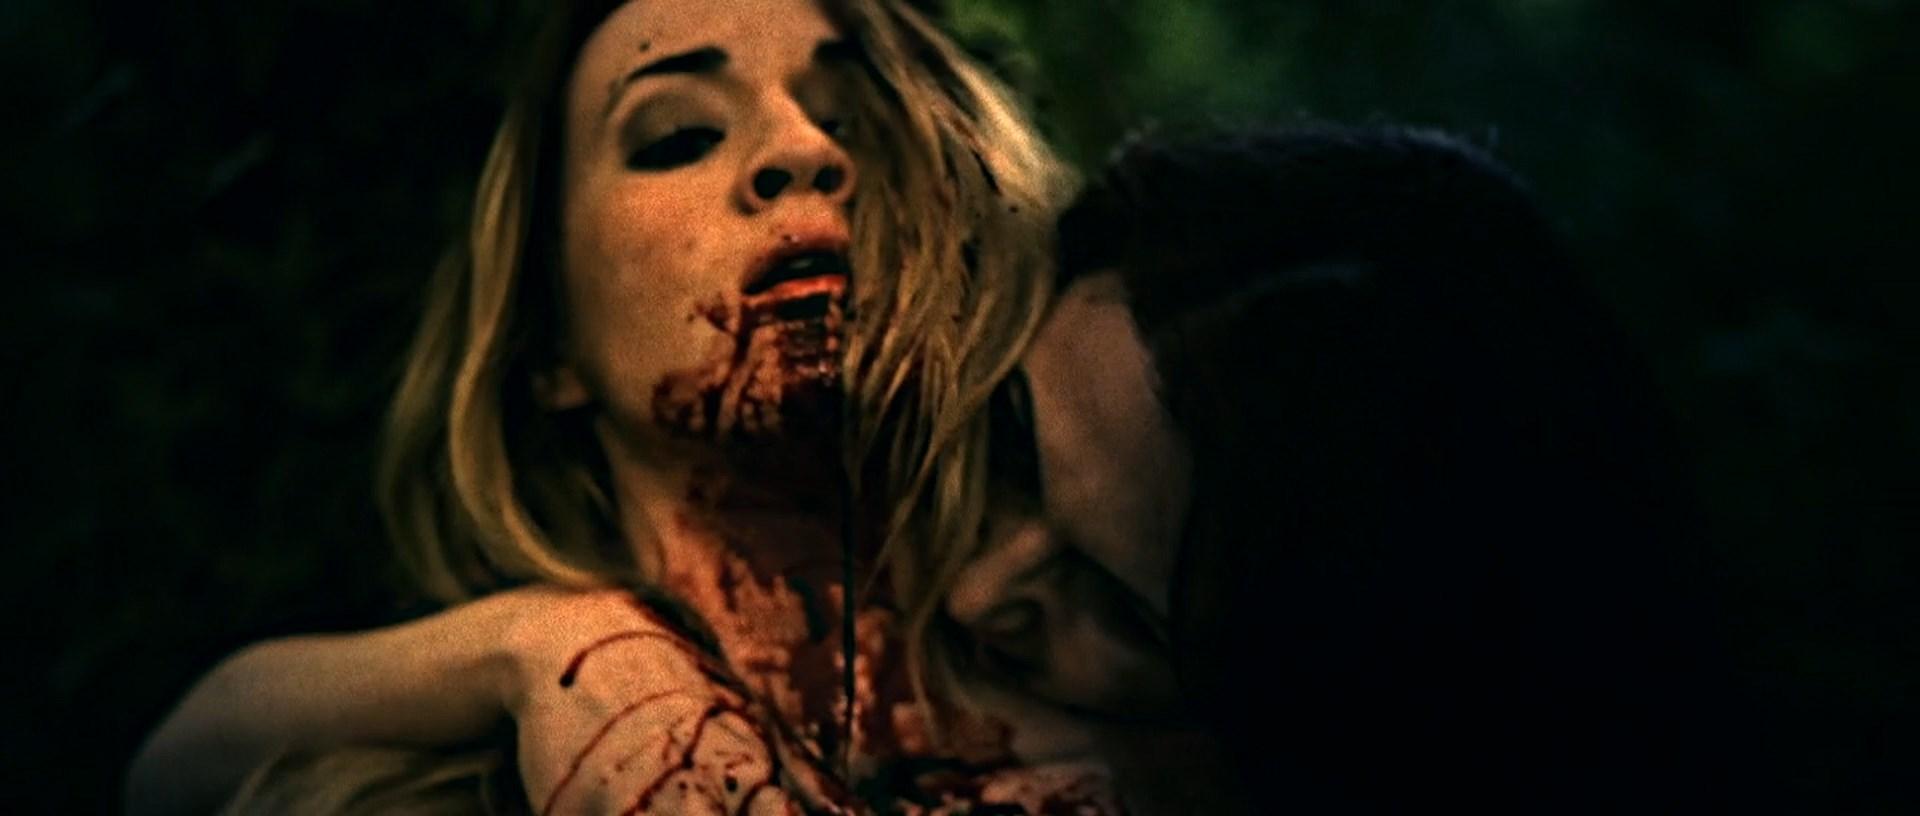 Экстаз Изабель Манн / The Ecstasy of Isabel Mann (2012/WEB-DLRip) 1080p, L1